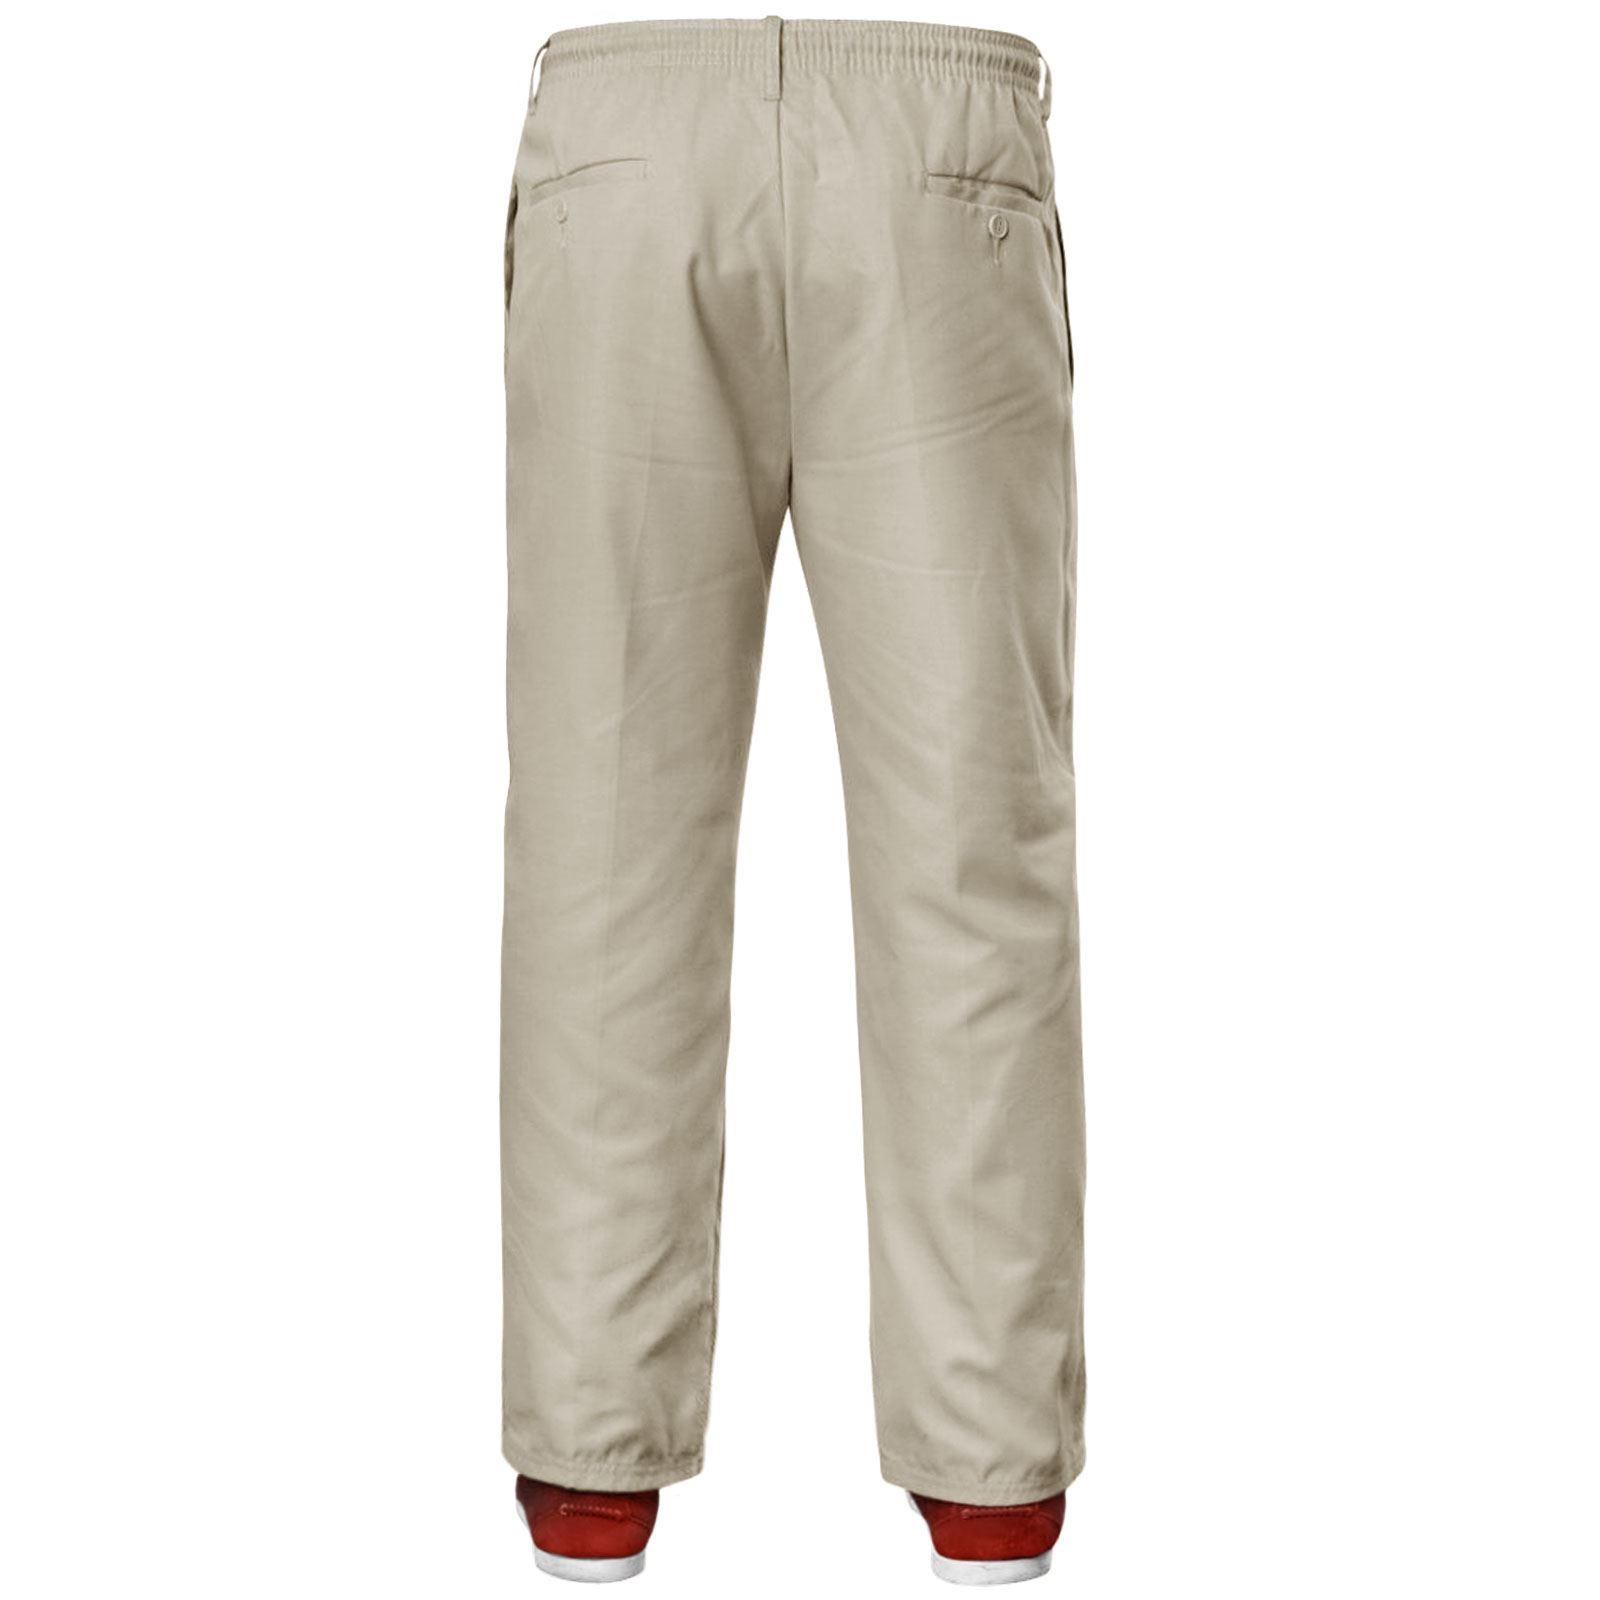 NUOVA linea uomo elastico in vita Lavoro Casual Rugby Pantaloni Pantaloni Pantaloni Smart Plus